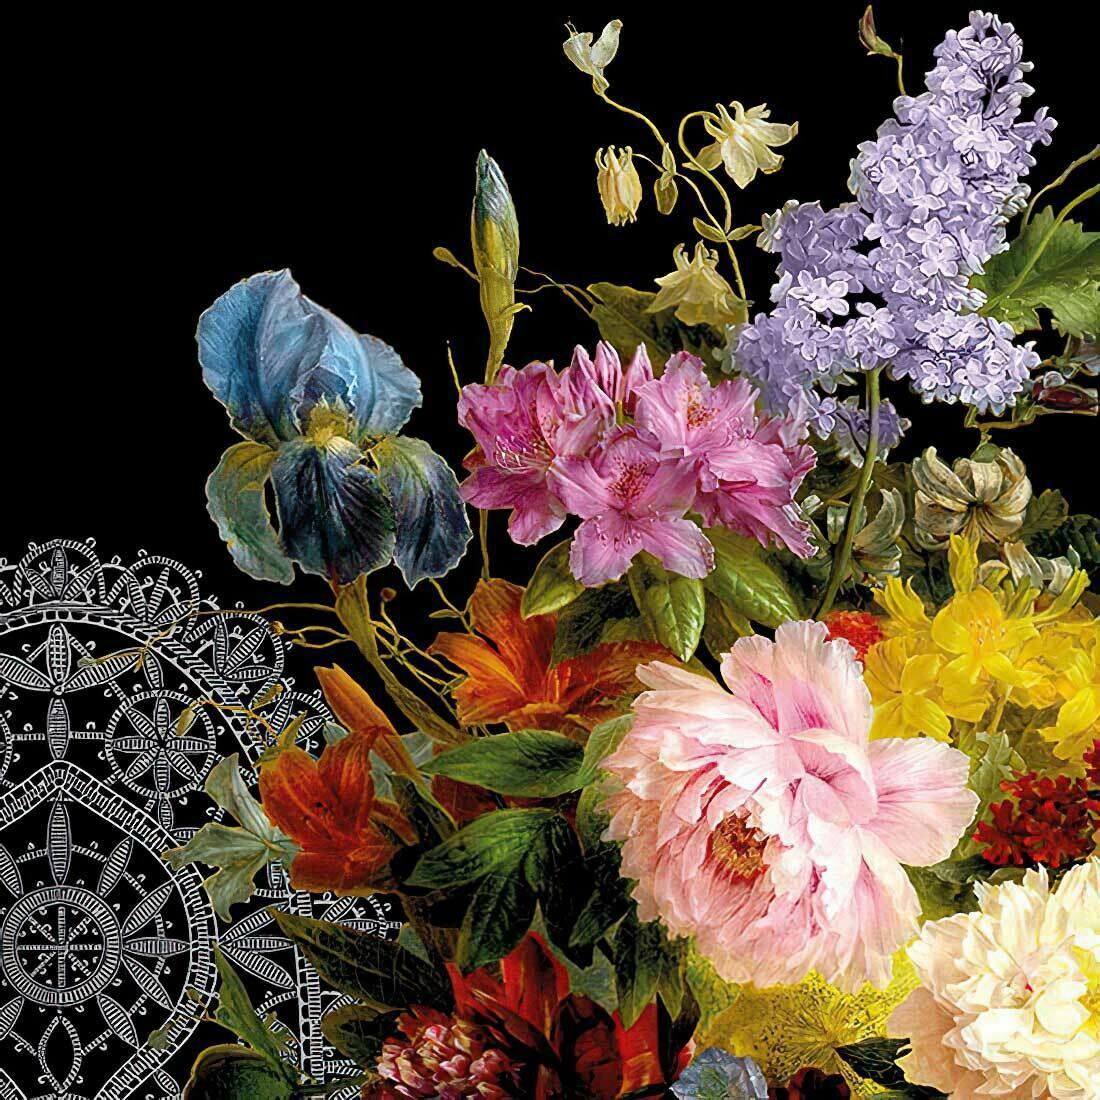 Decoupage Paper Napkins - Floral Boquet Black 13x13 (1 Sheet)